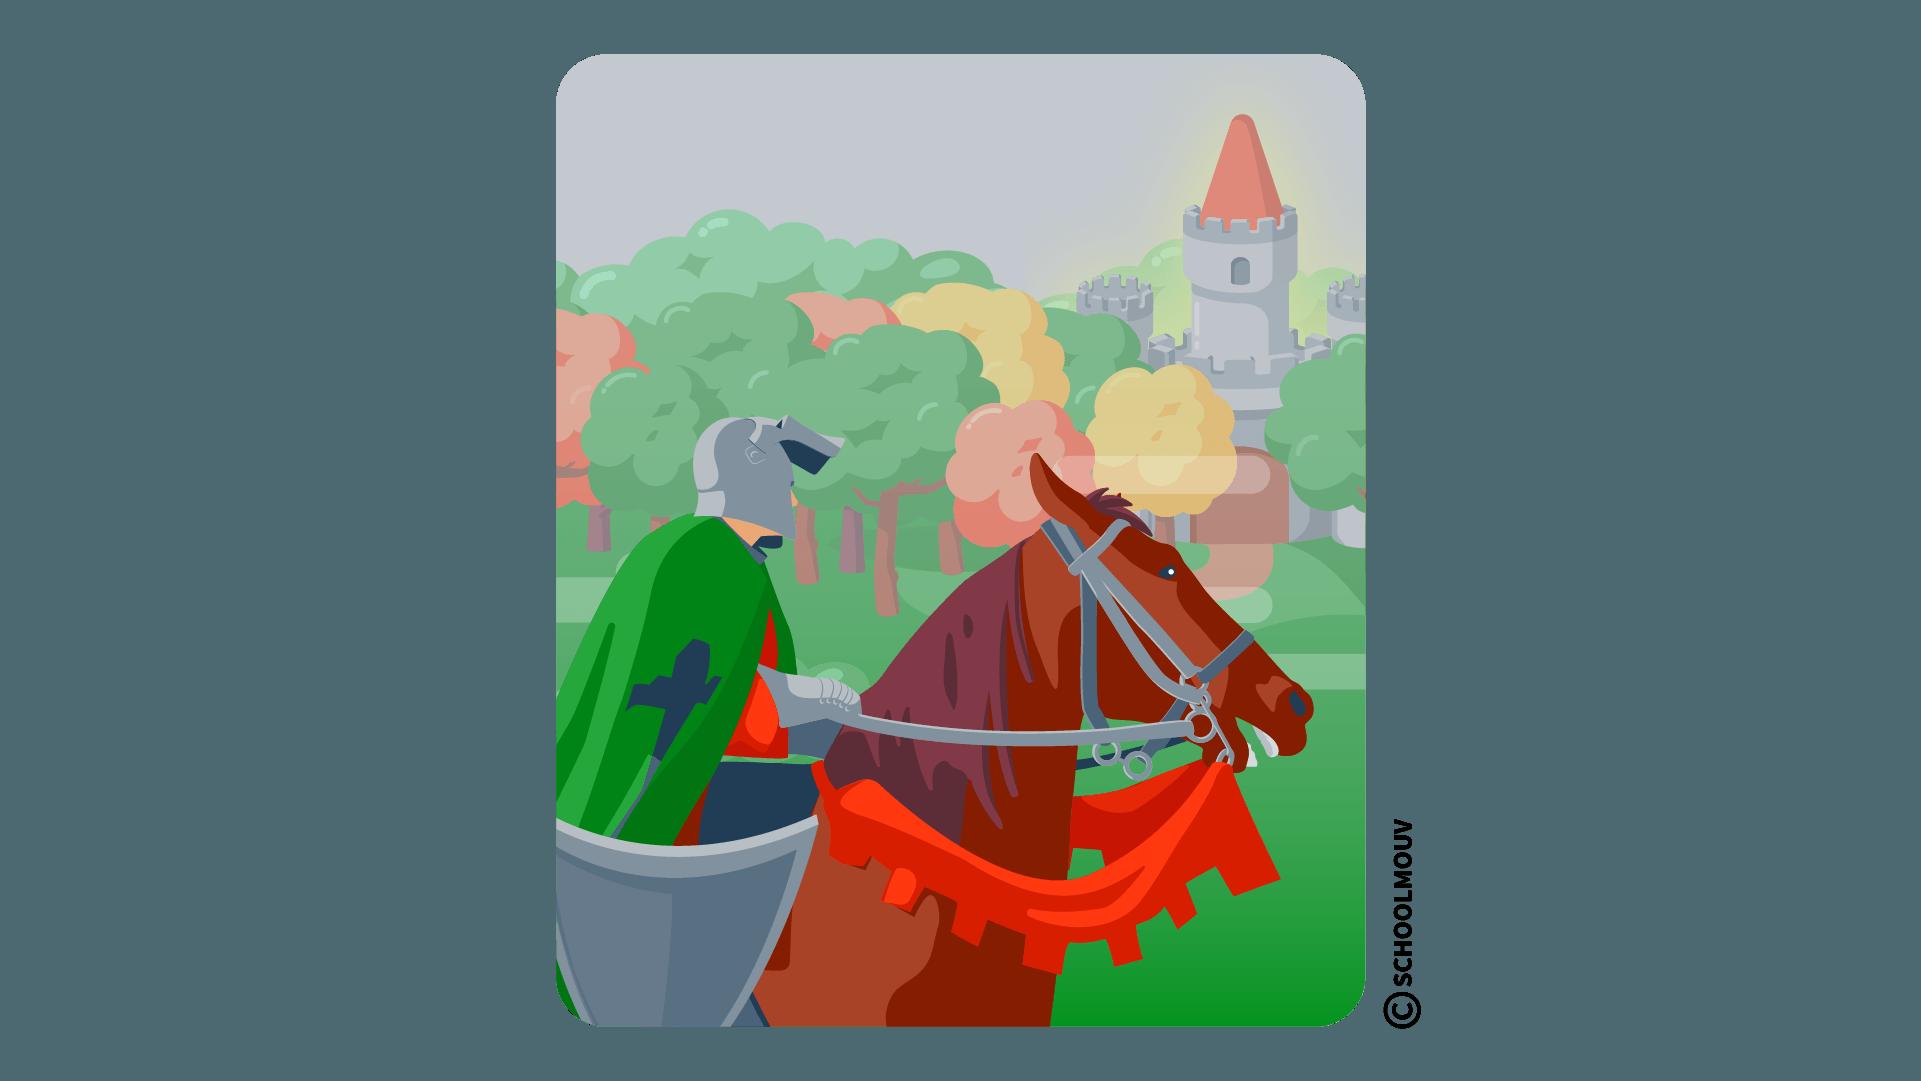 Perceval chevalier Graal légende anglais Pays de Galles